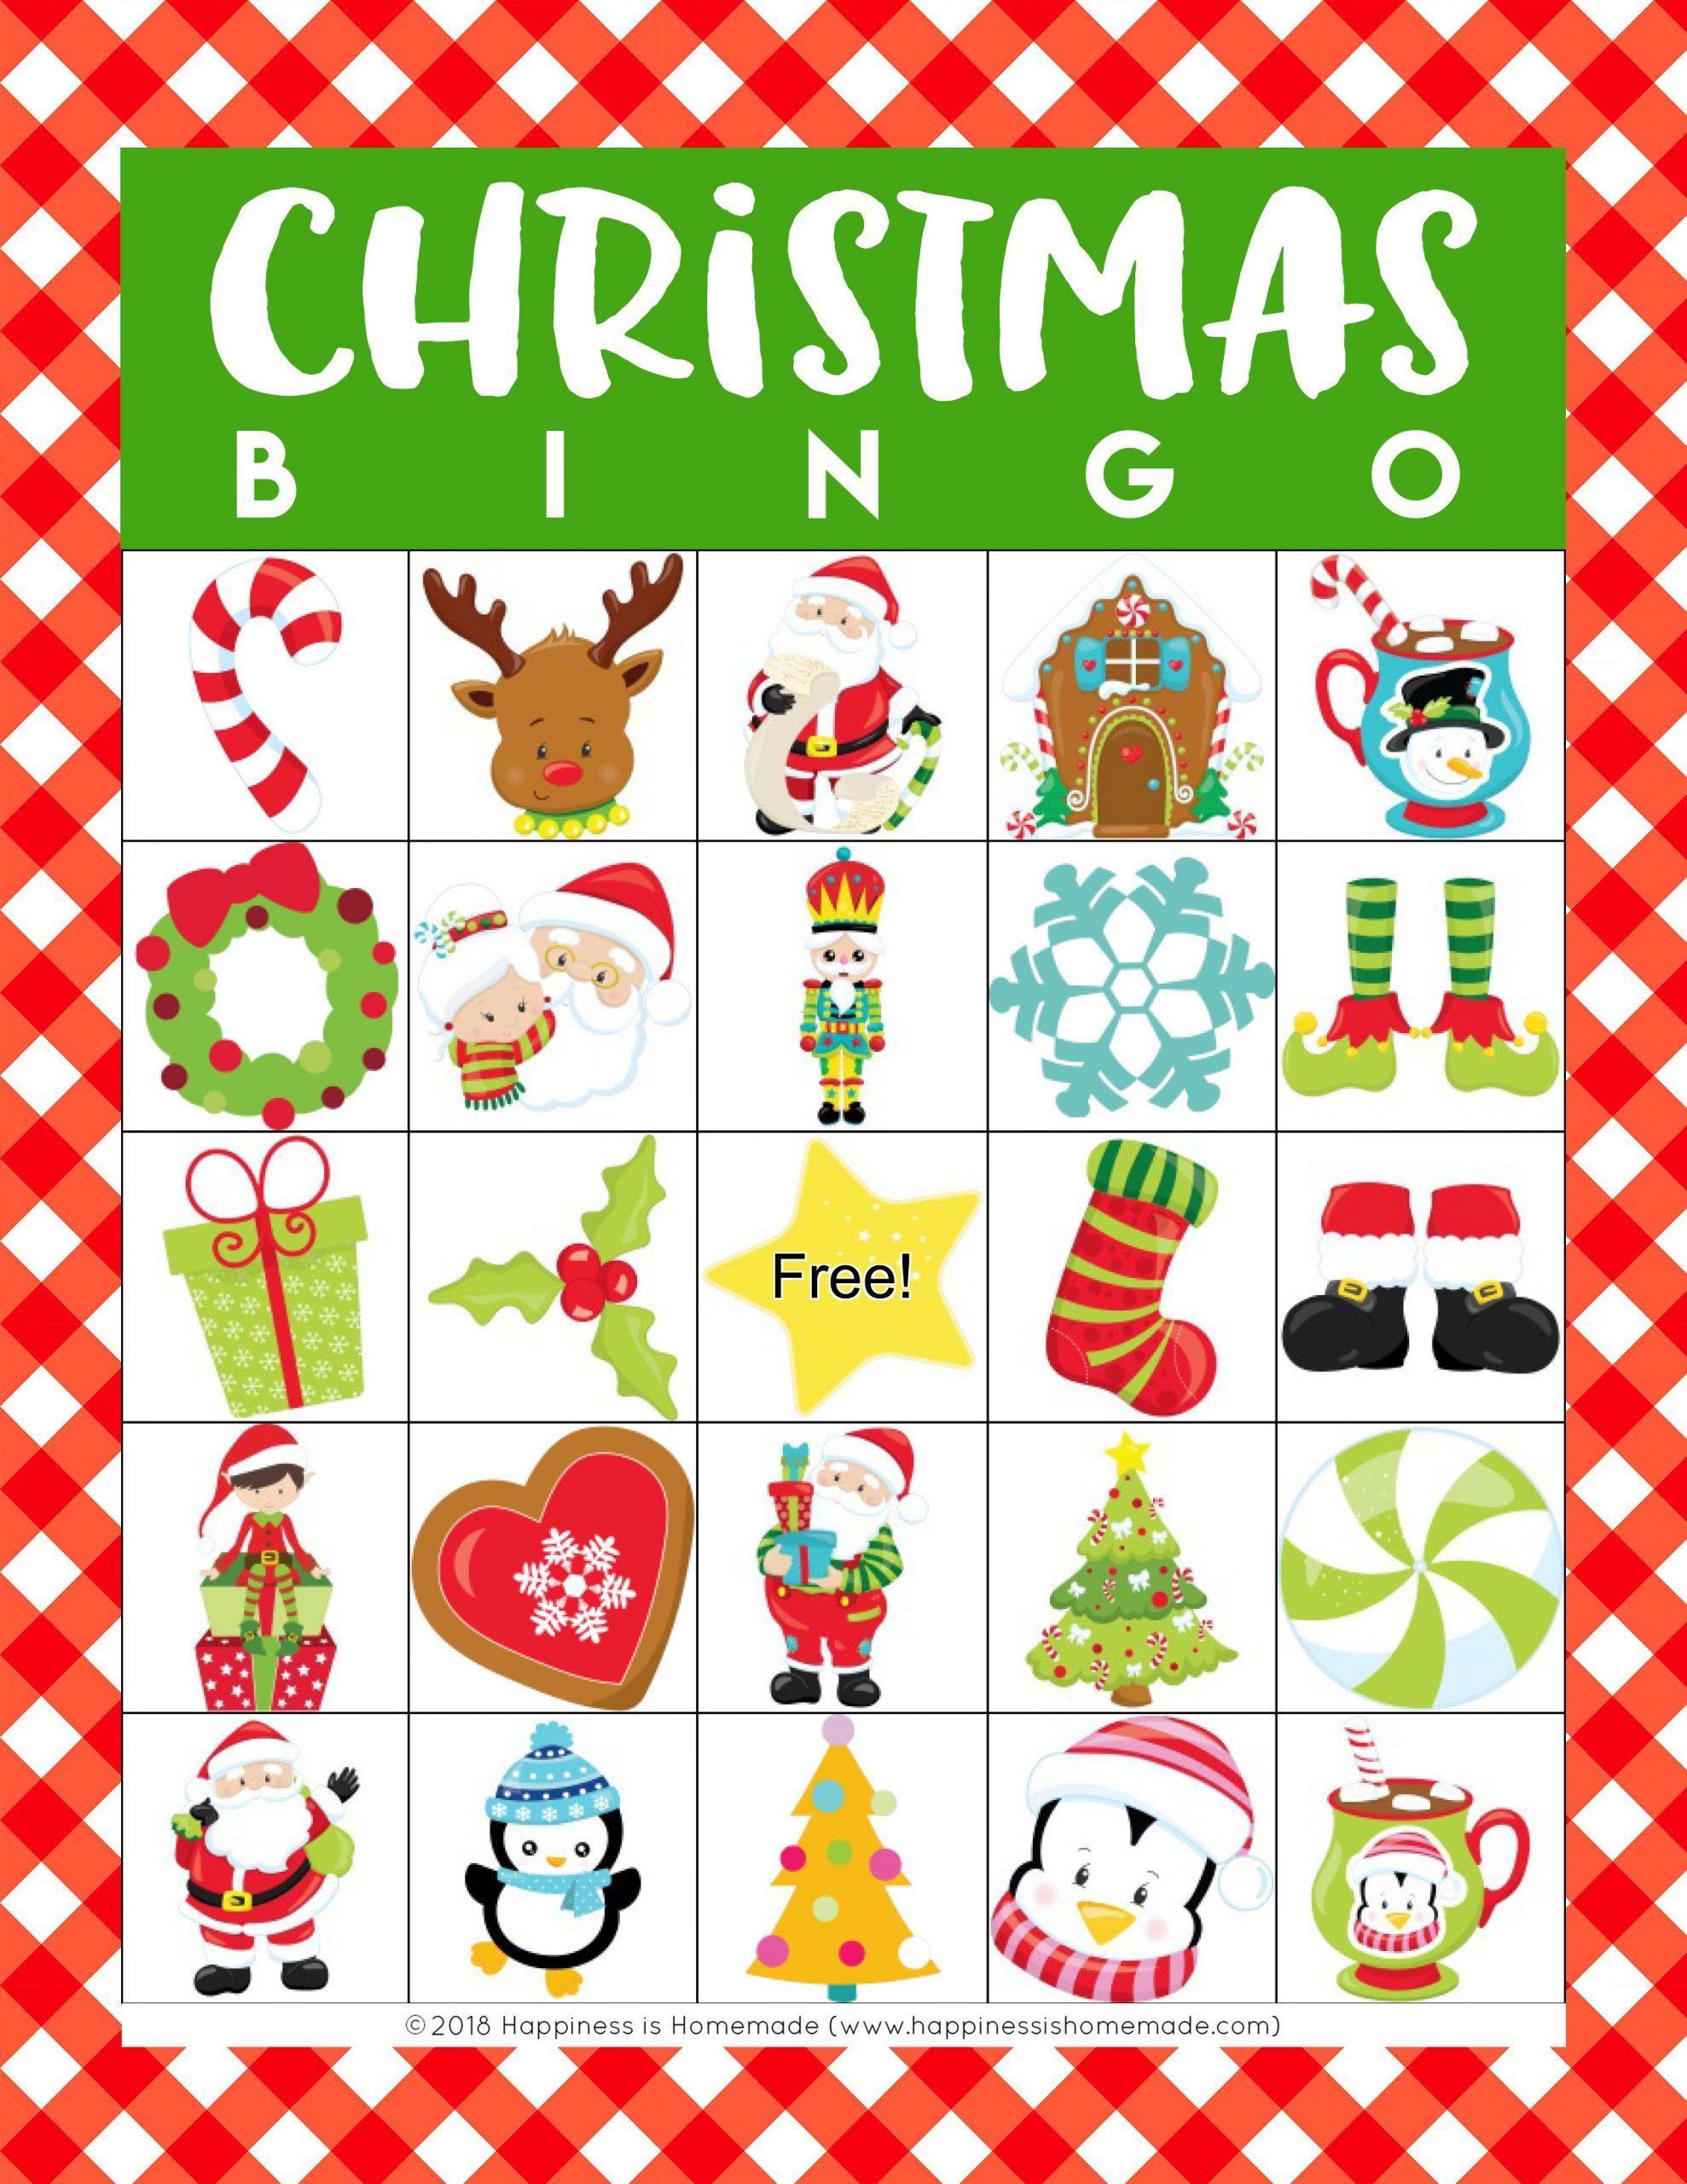 Christmas Bingo Game Printables - This Festive Christmas